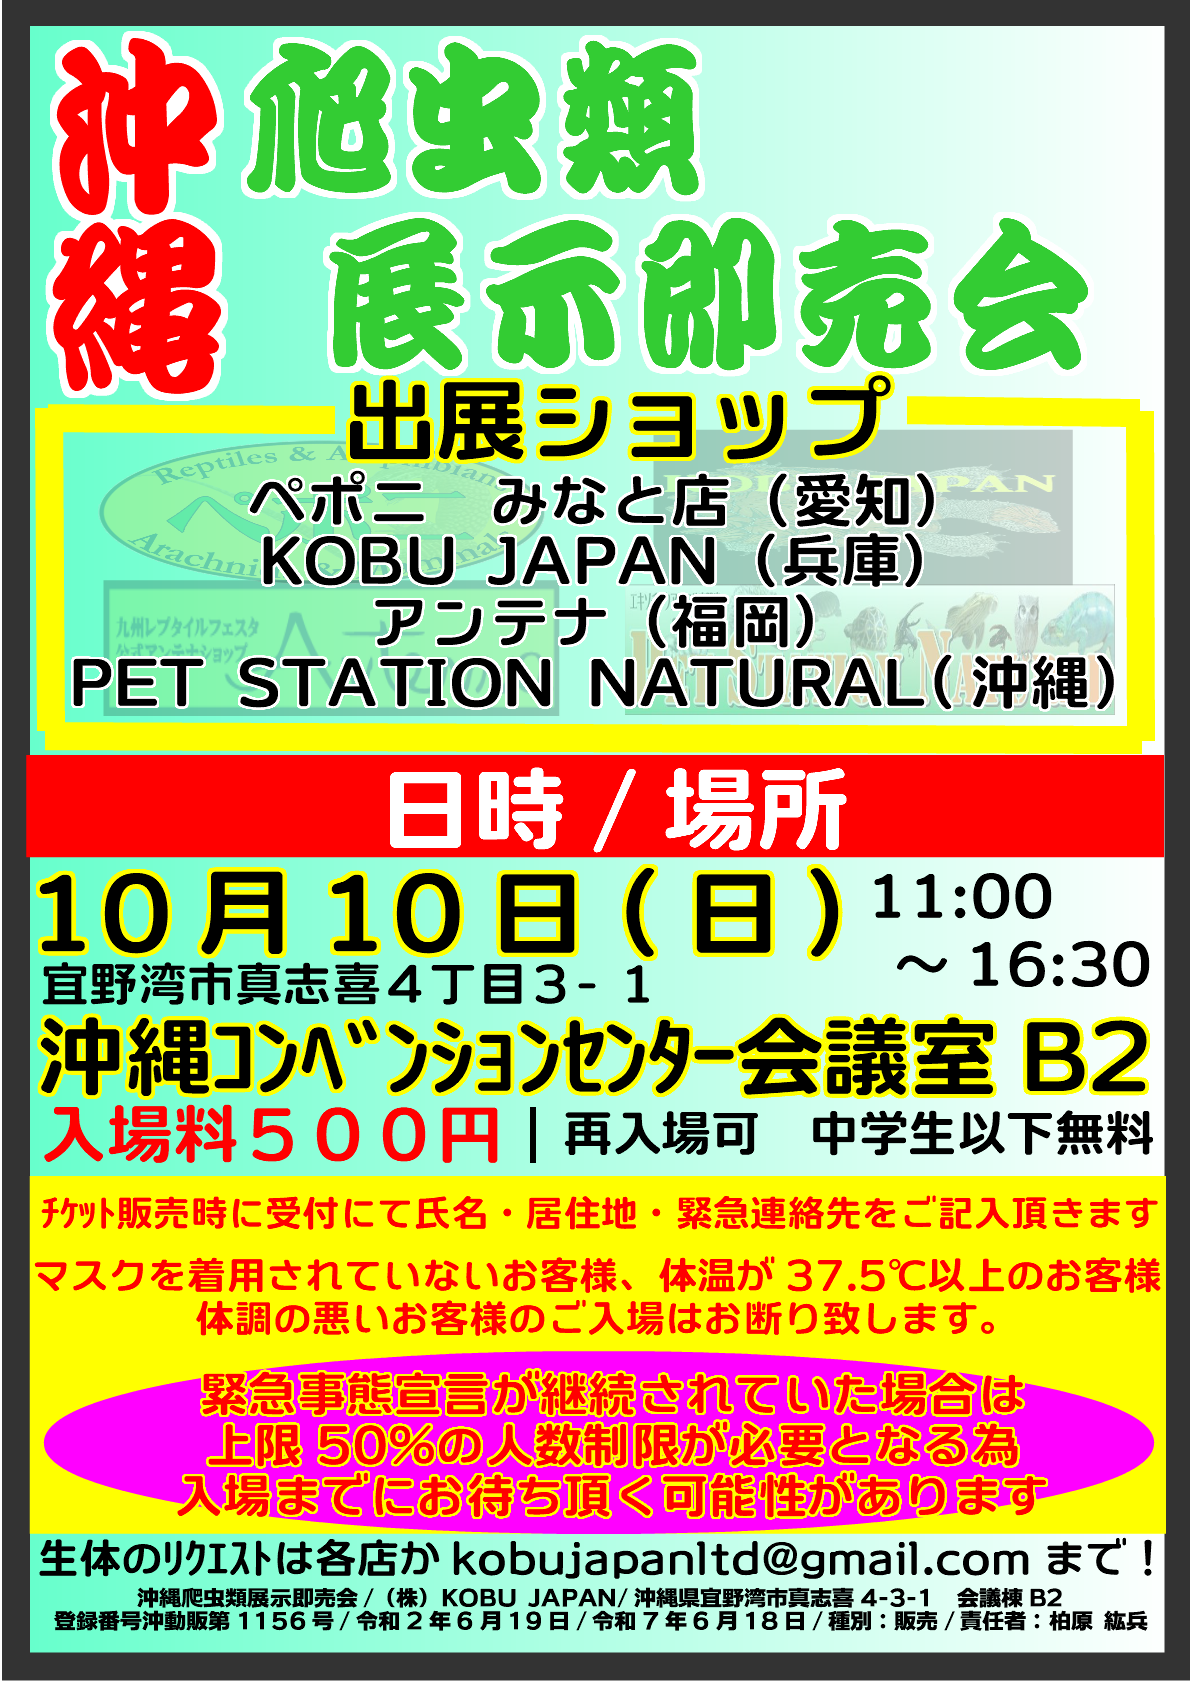 10/10沖縄イベント告知@みなとペポニ